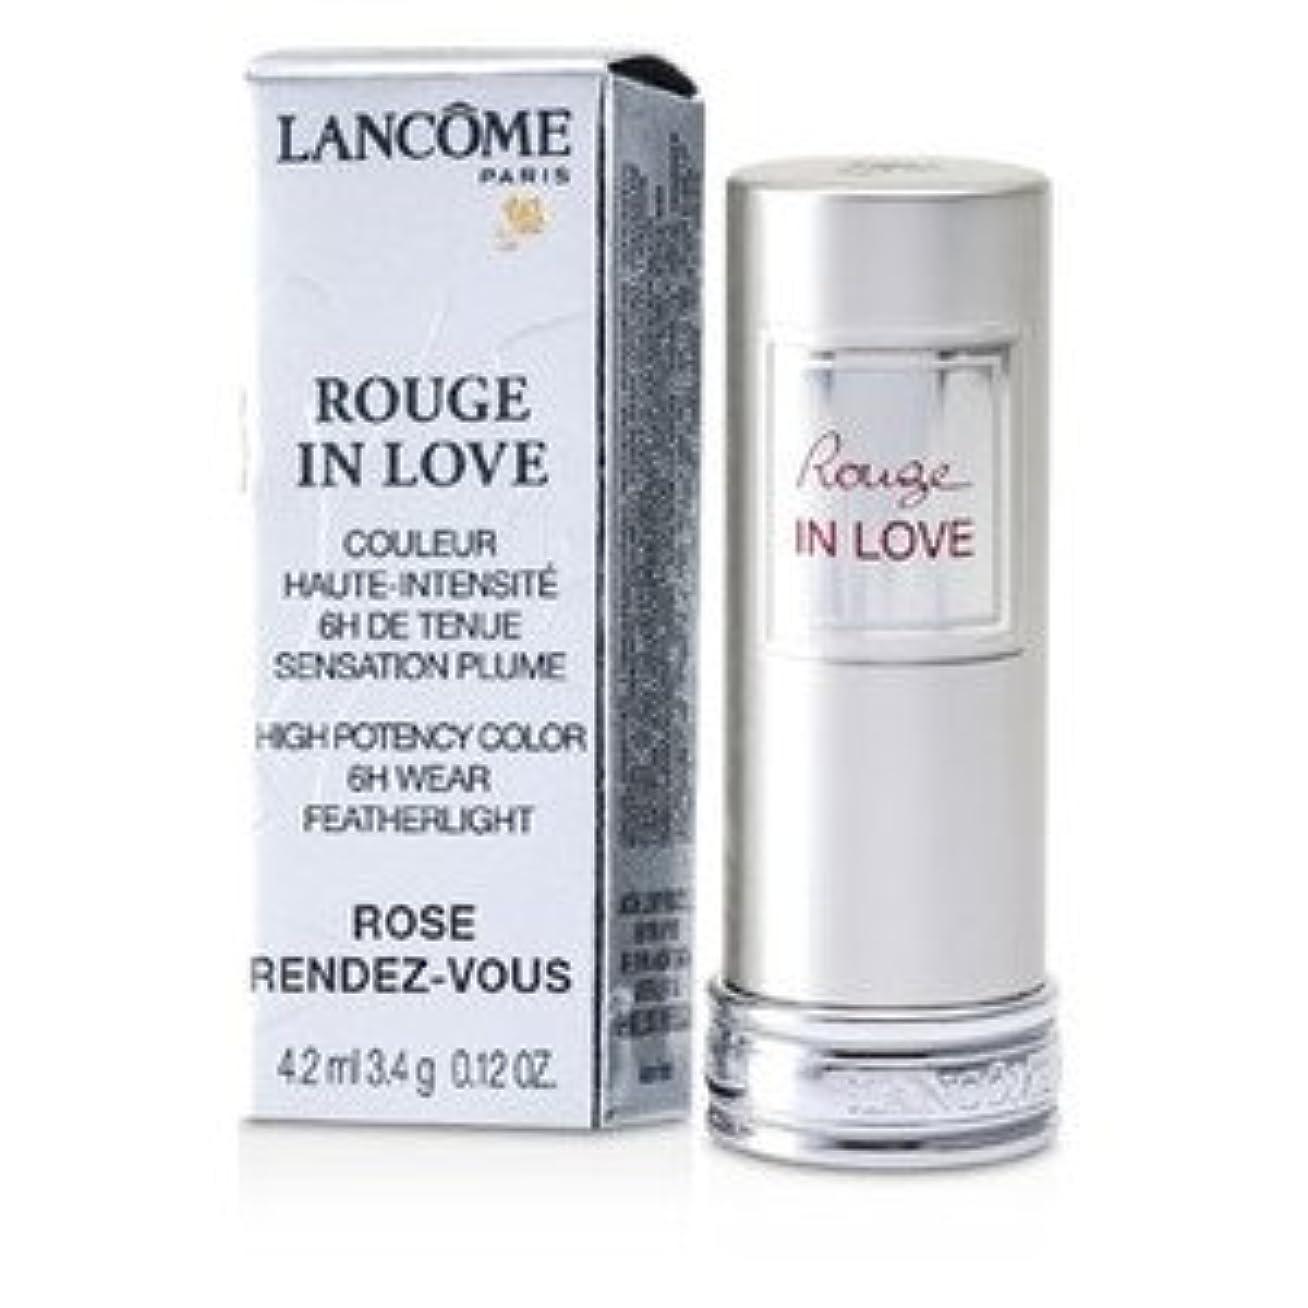 仕出しますピクニックスキーLANCOME(ランコム) ルージュ イン ラブ - #230 Rose Rendez vous 4.2ml/0.12oz [並行輸入品]